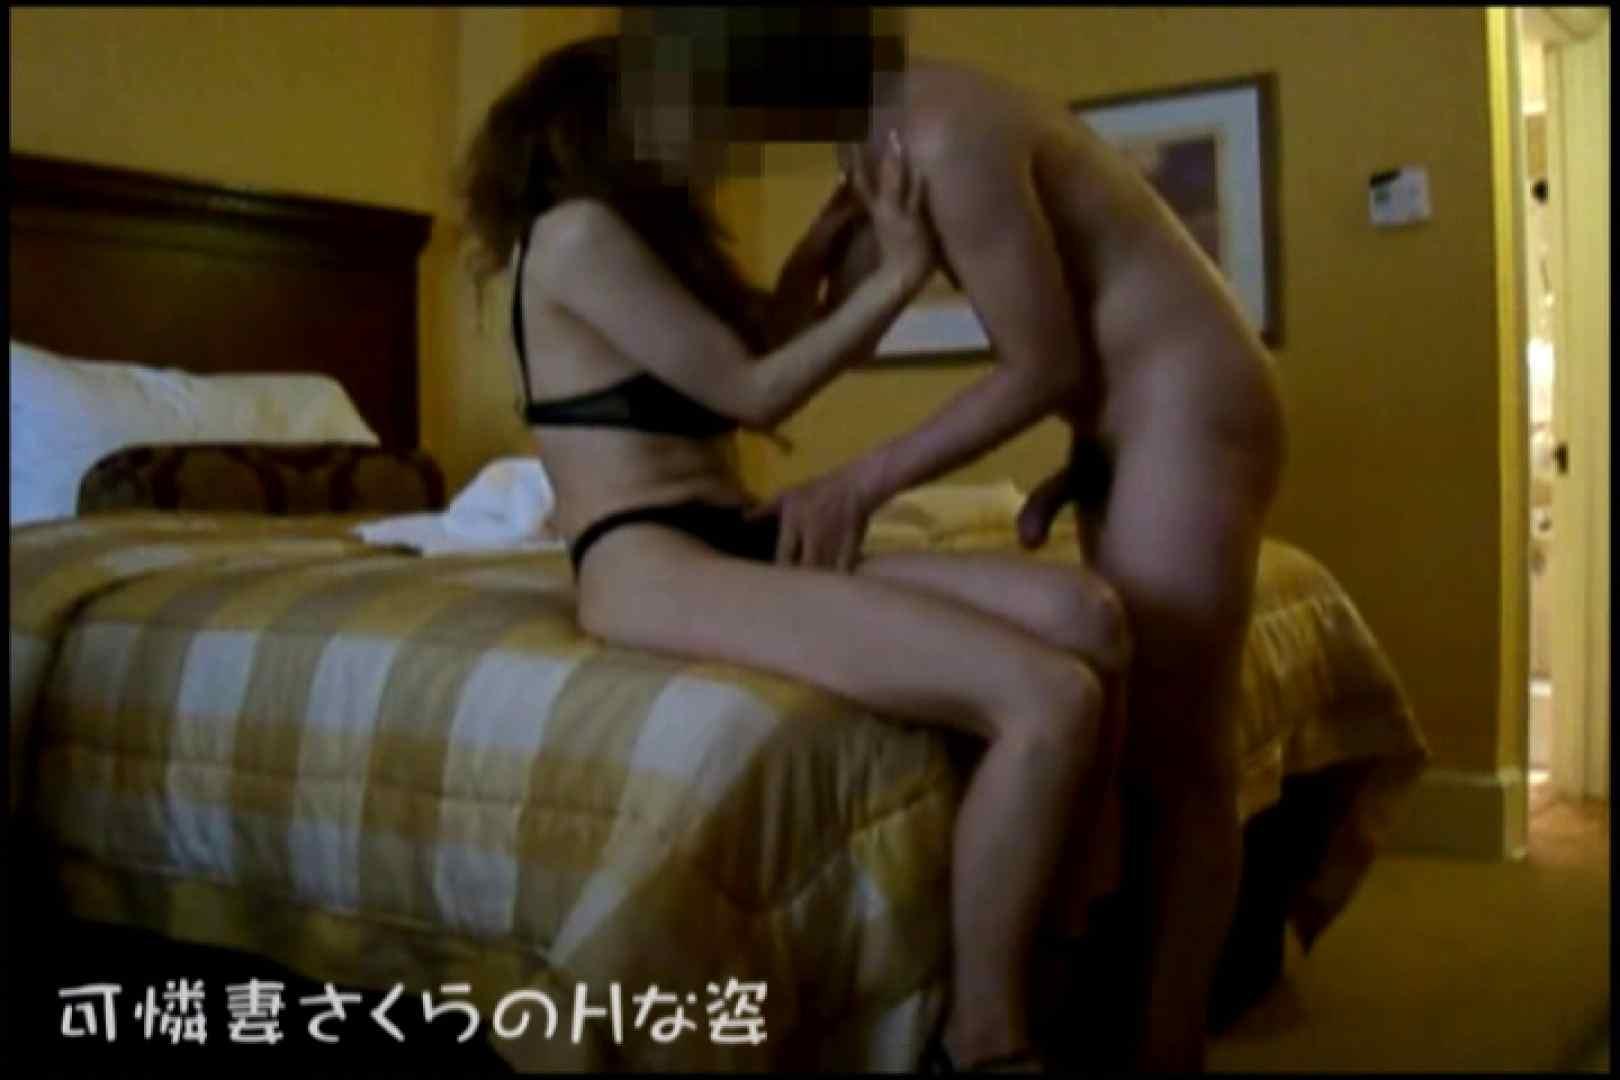 可憐妻さくらのHな姿vol.9前編 ギャル達のセックス | OL裸体  64画像 19